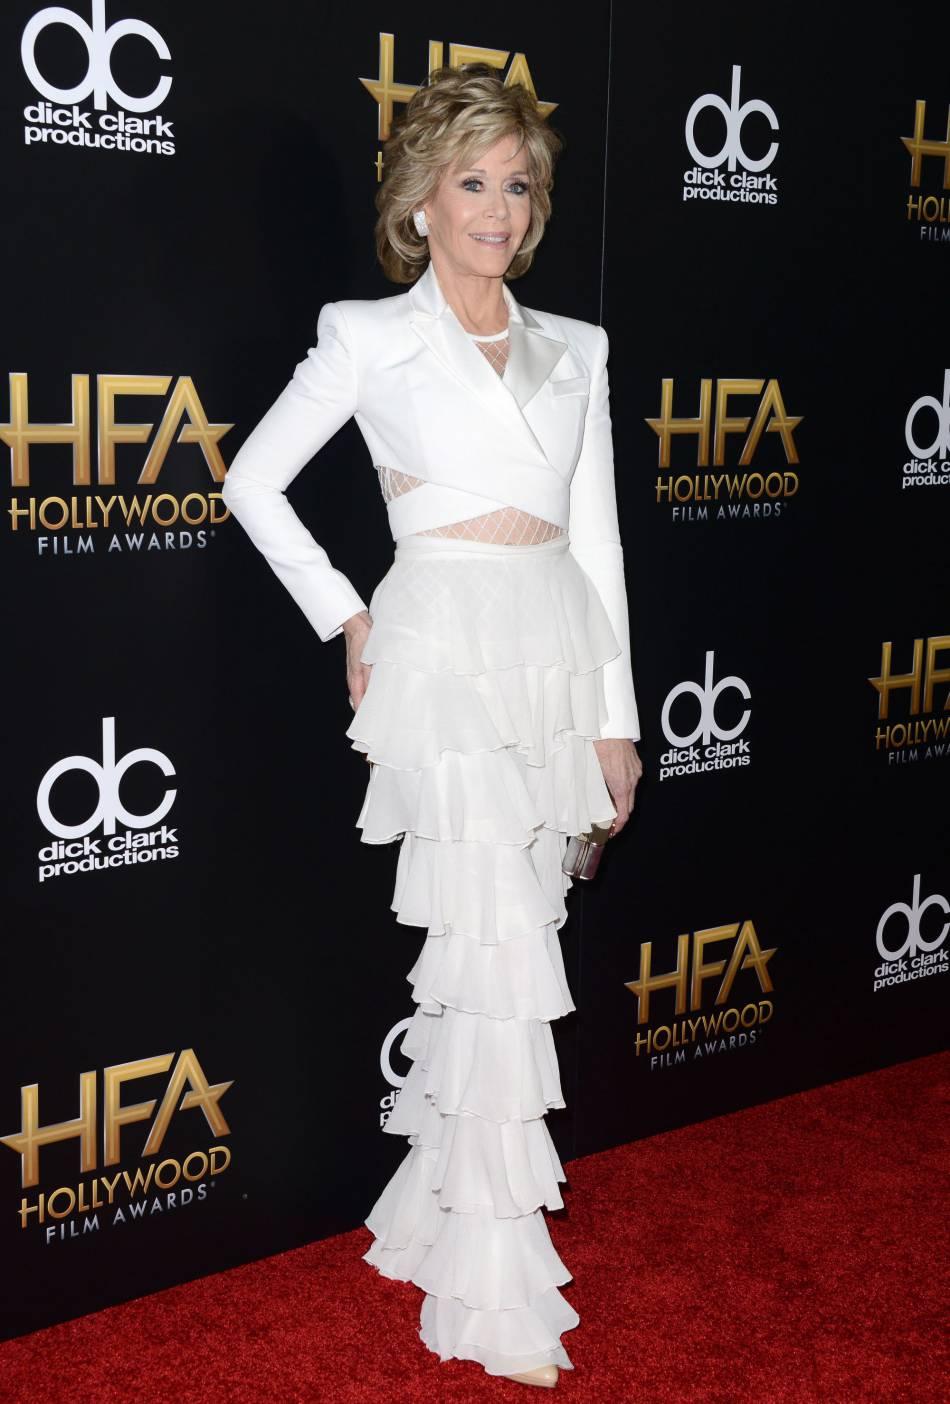 Jane Fonda en Balmain sur le red carpet des Hollywood Film Awards le 1er novembre 2015 à Los Angeles.